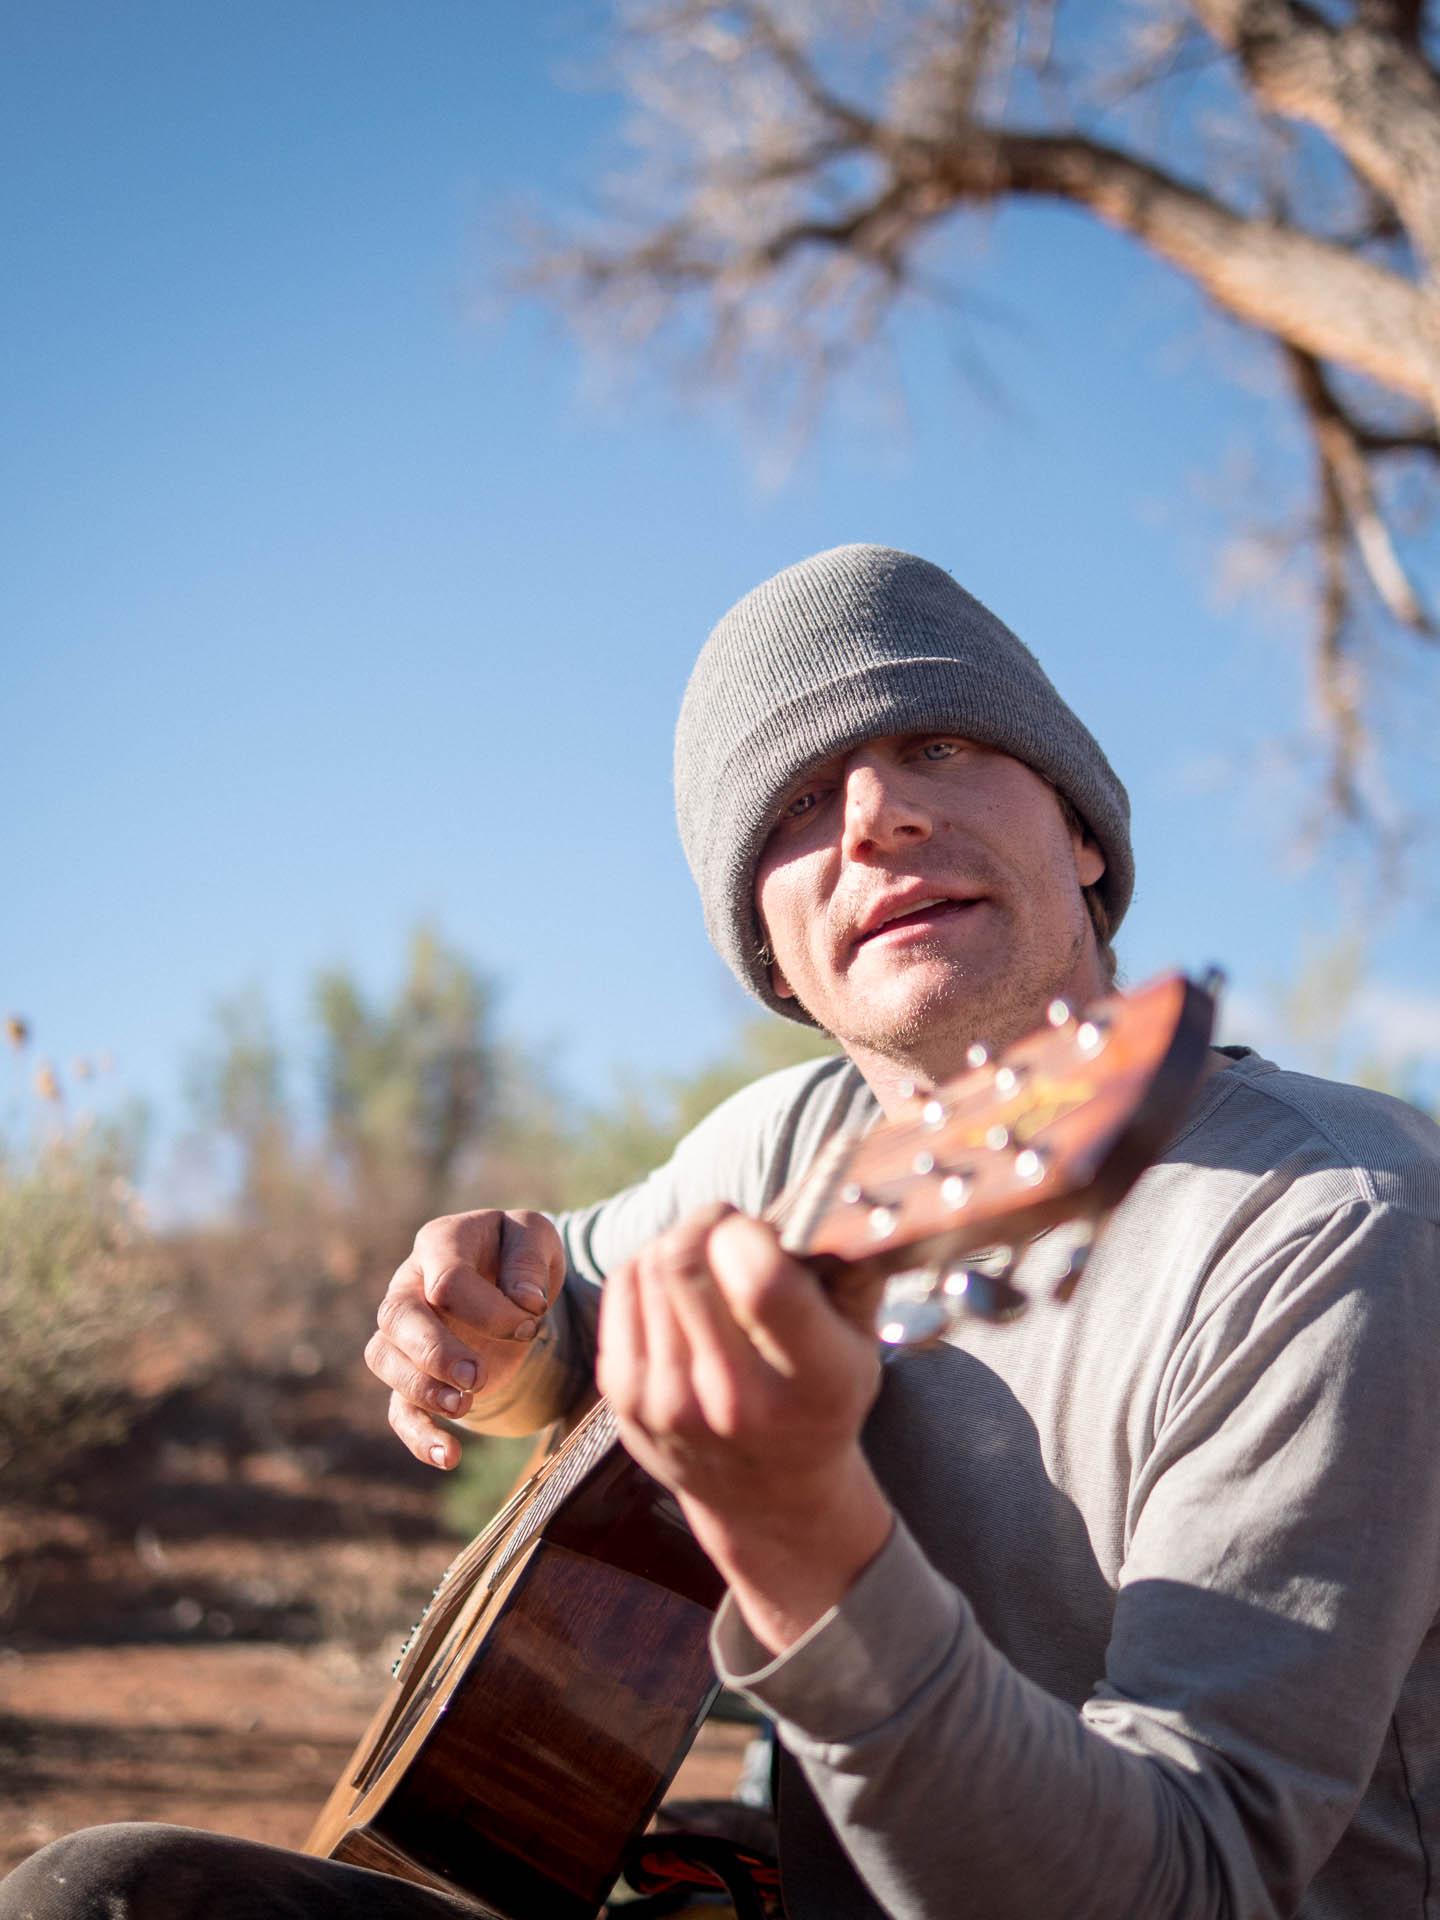 steele guitar